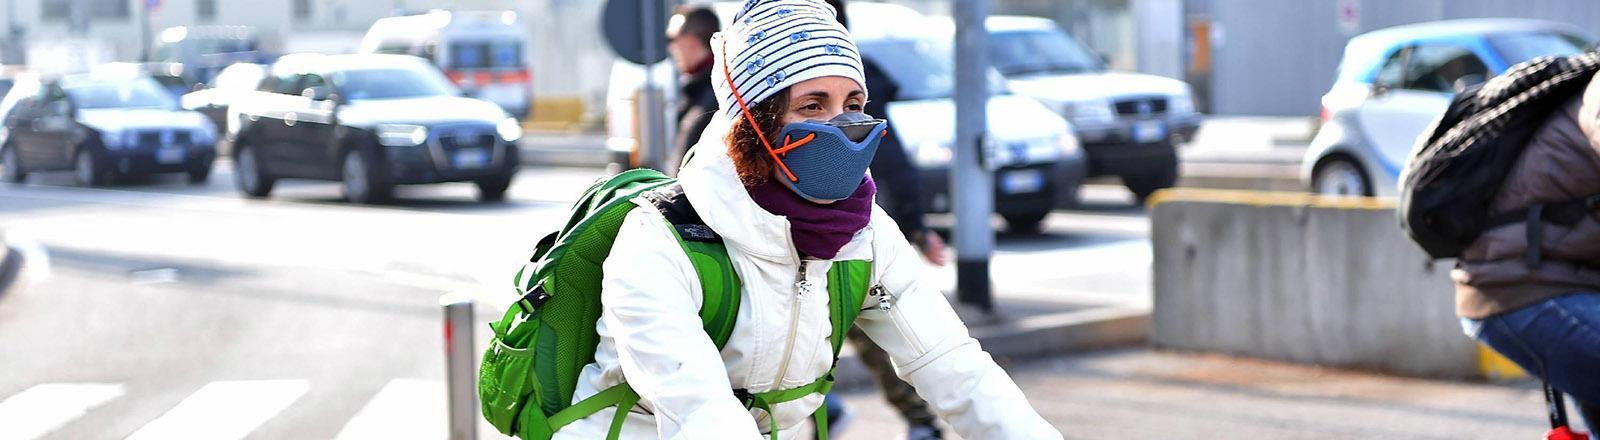 Eine Fahrradfahrerin trägt eine Atemmaske, um sich vor der Luftverschmutzung zu schützen.